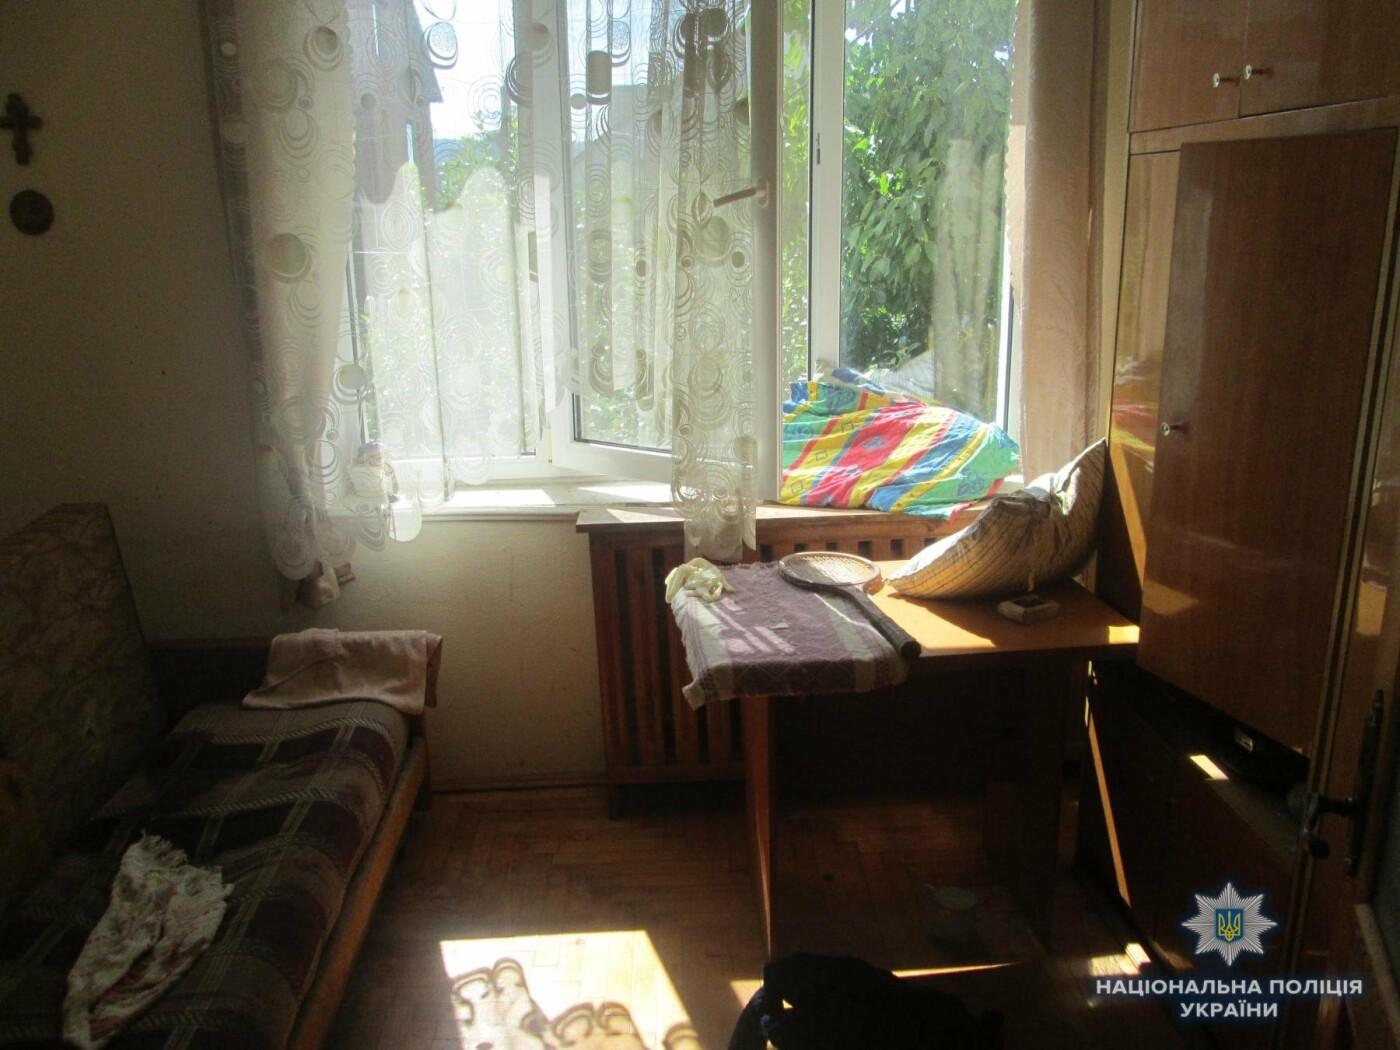 В Ужгороді вночі 27-річний грабіжник напав з ножем на 53-річну жінку (ФОТО), фото-1